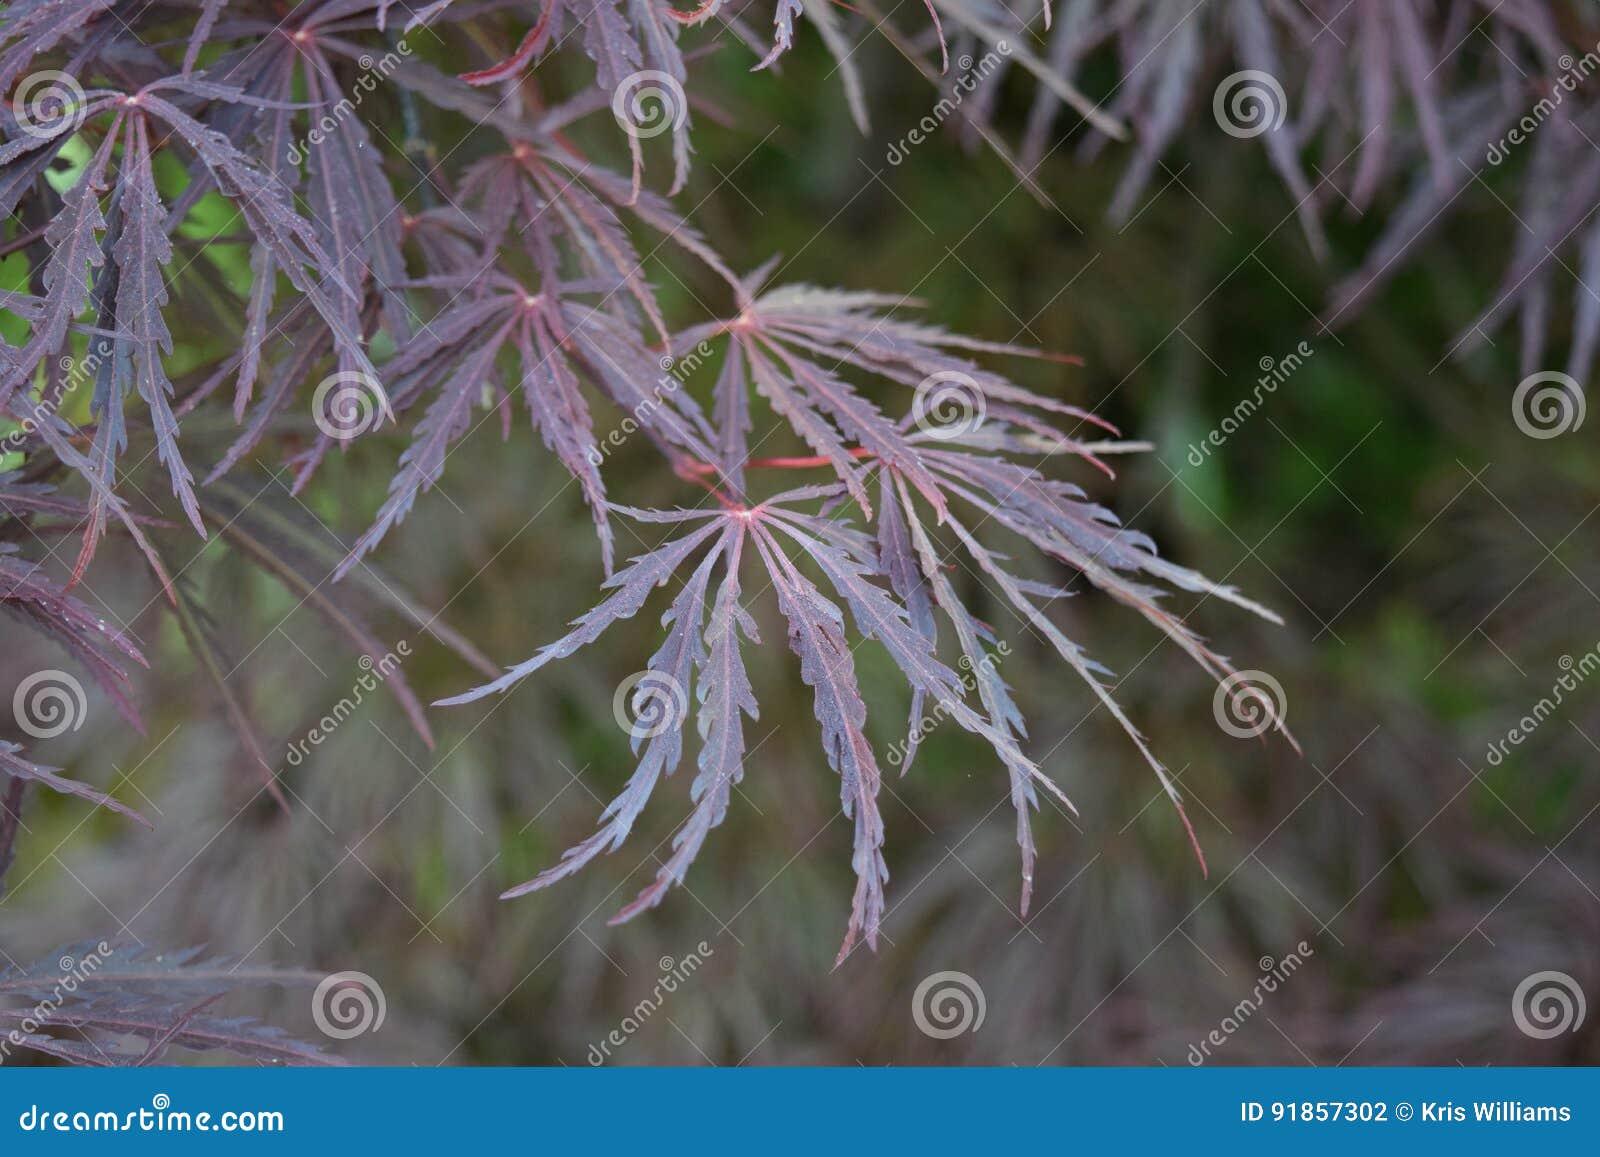 Delicate fern-like purple maple leaves